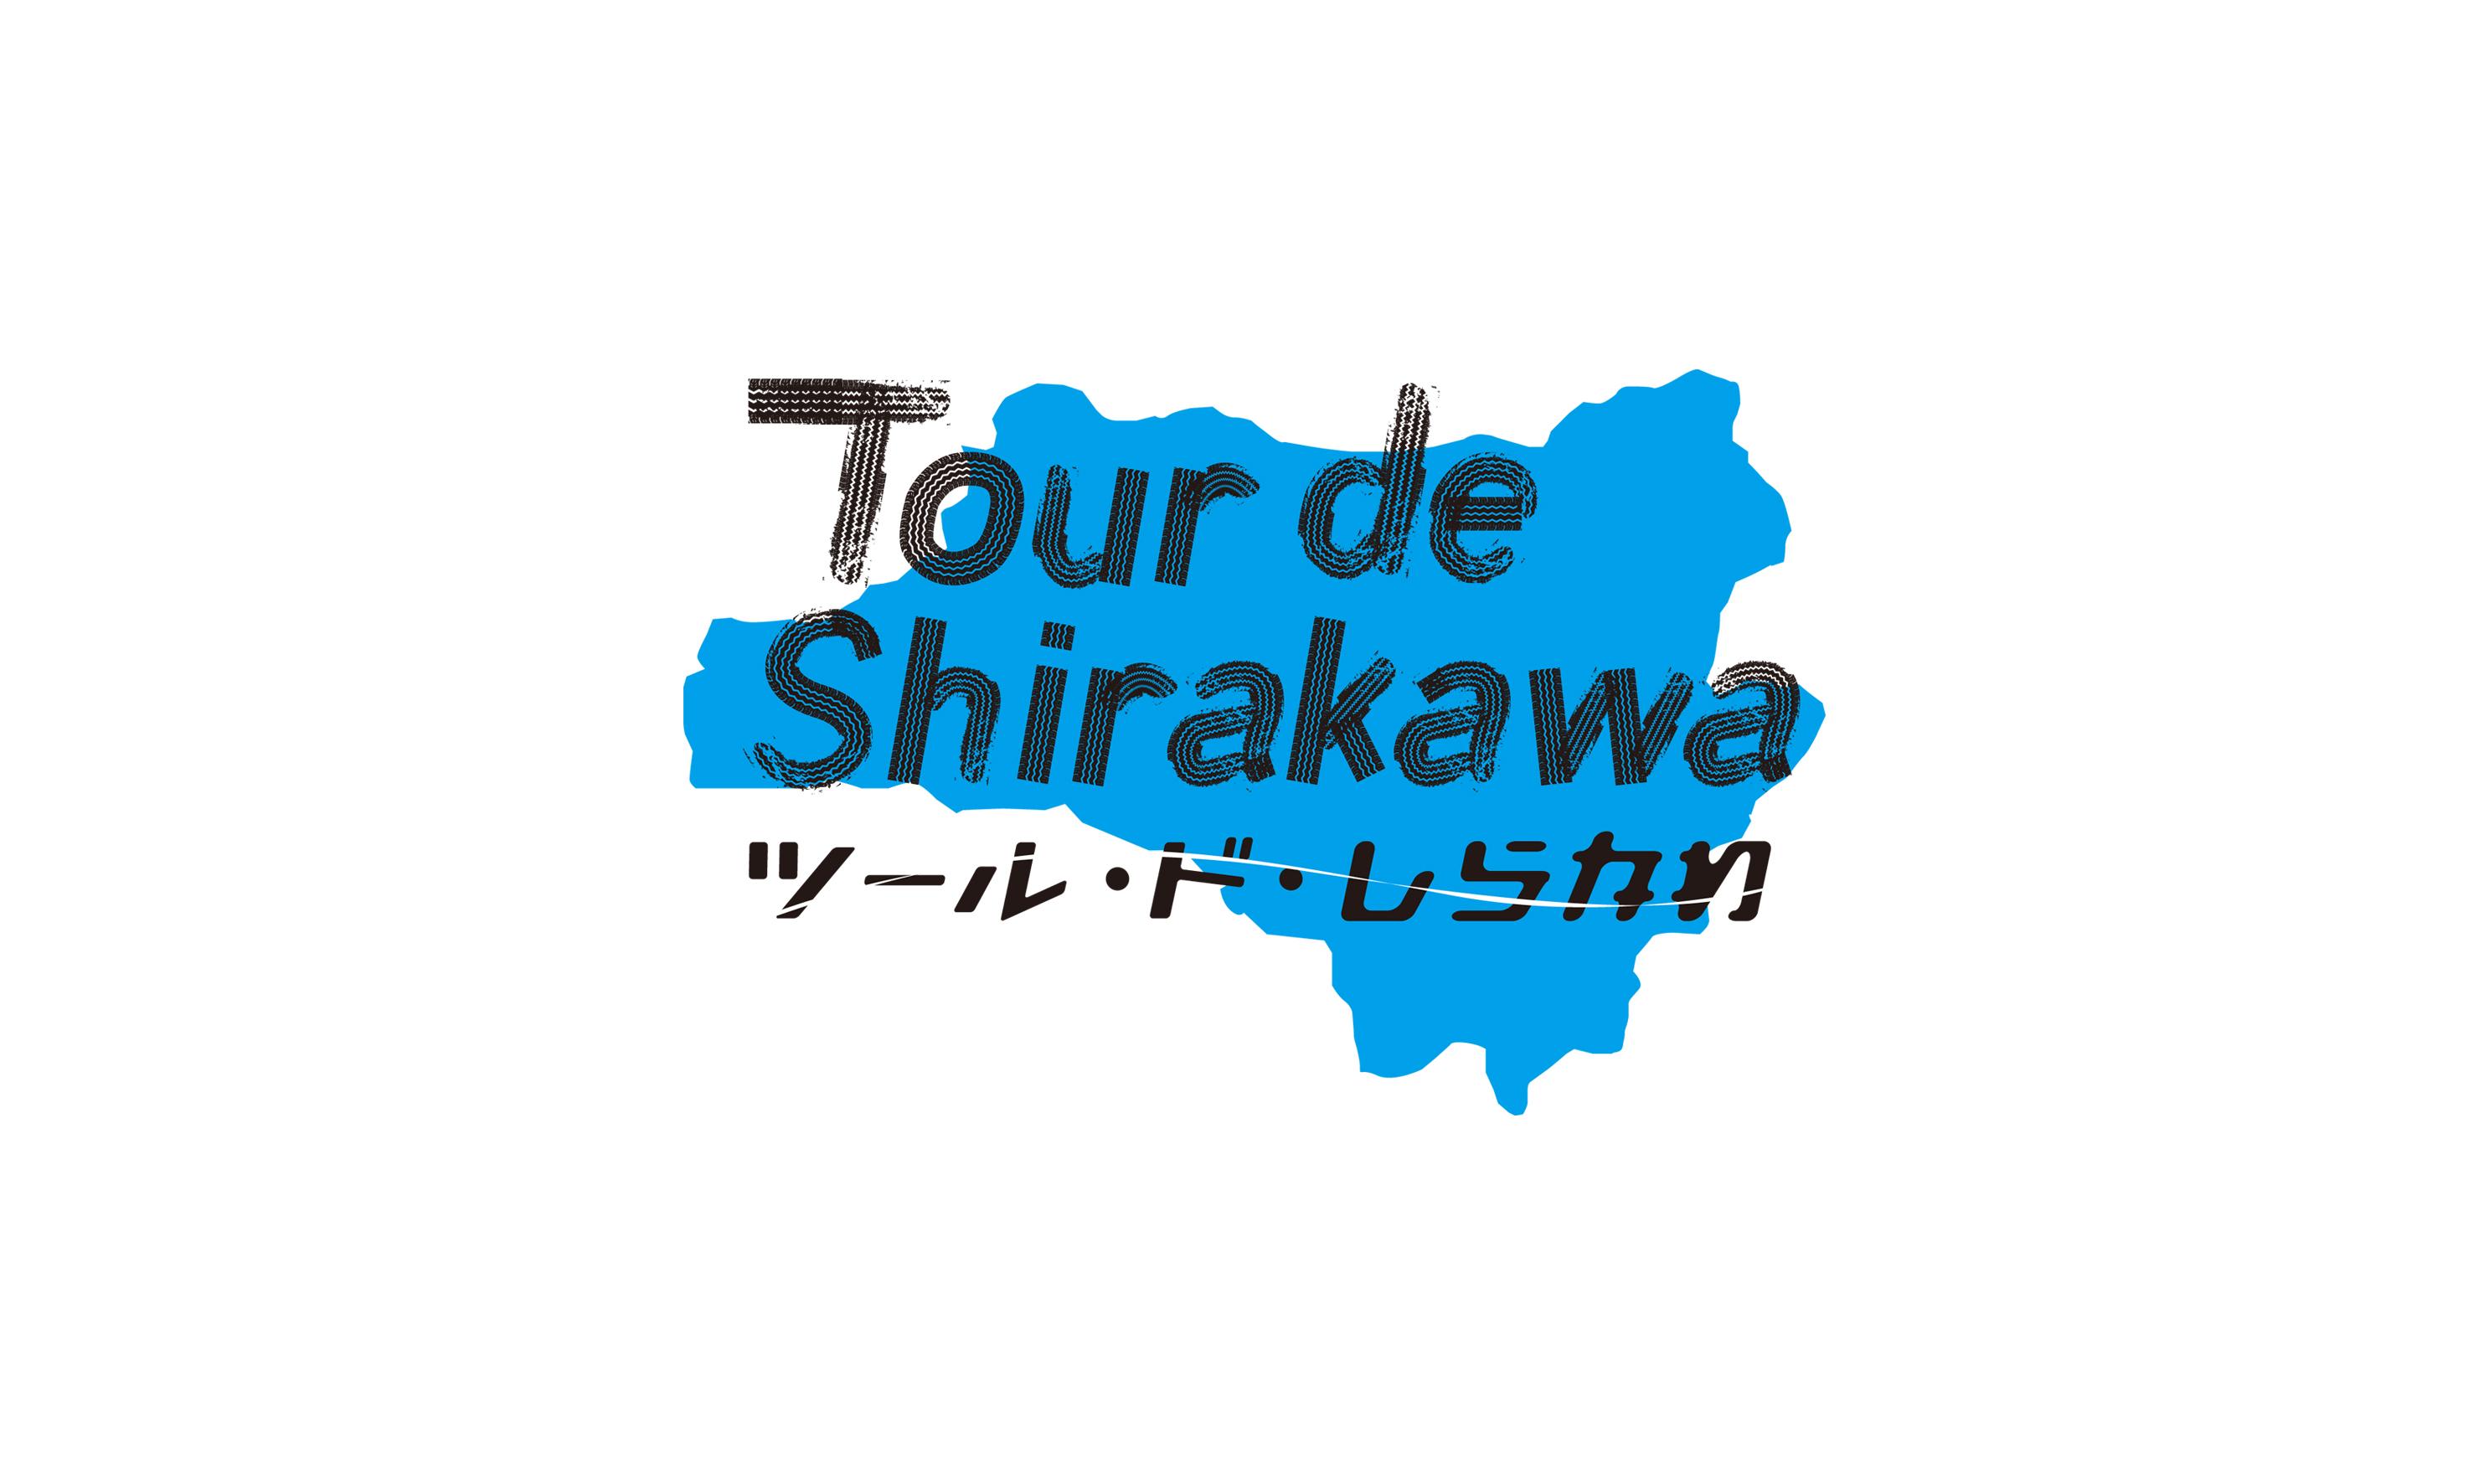 福島県南5市町村をめぐるファンライドイベントのロゴデザイン